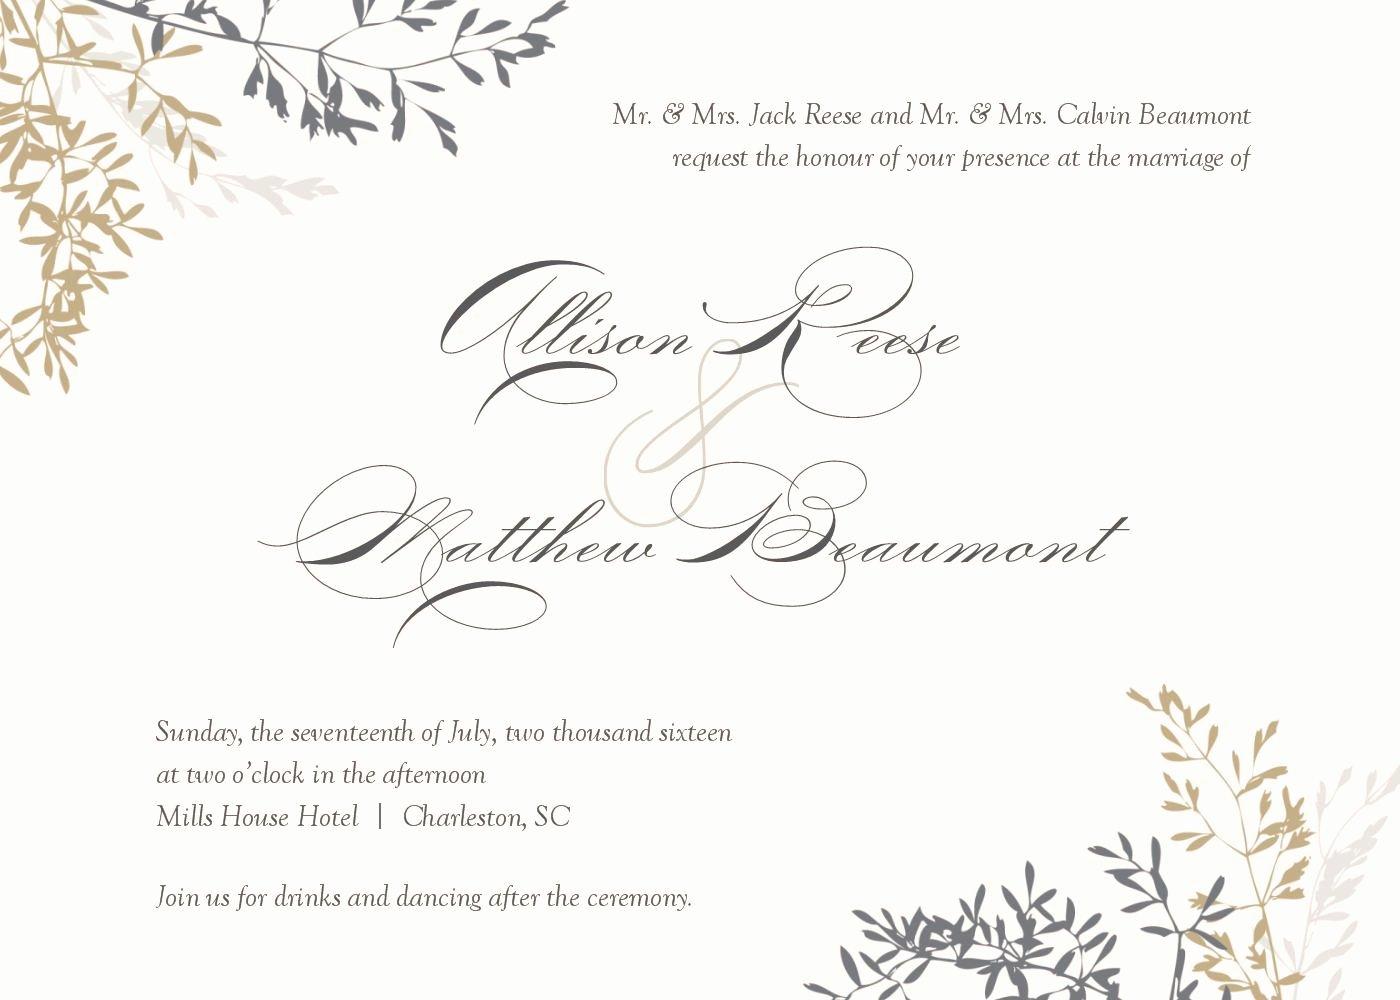 Postcard Wedding Invitations Template Luxury Wedding Invitation Wedding Invitations Template Superb